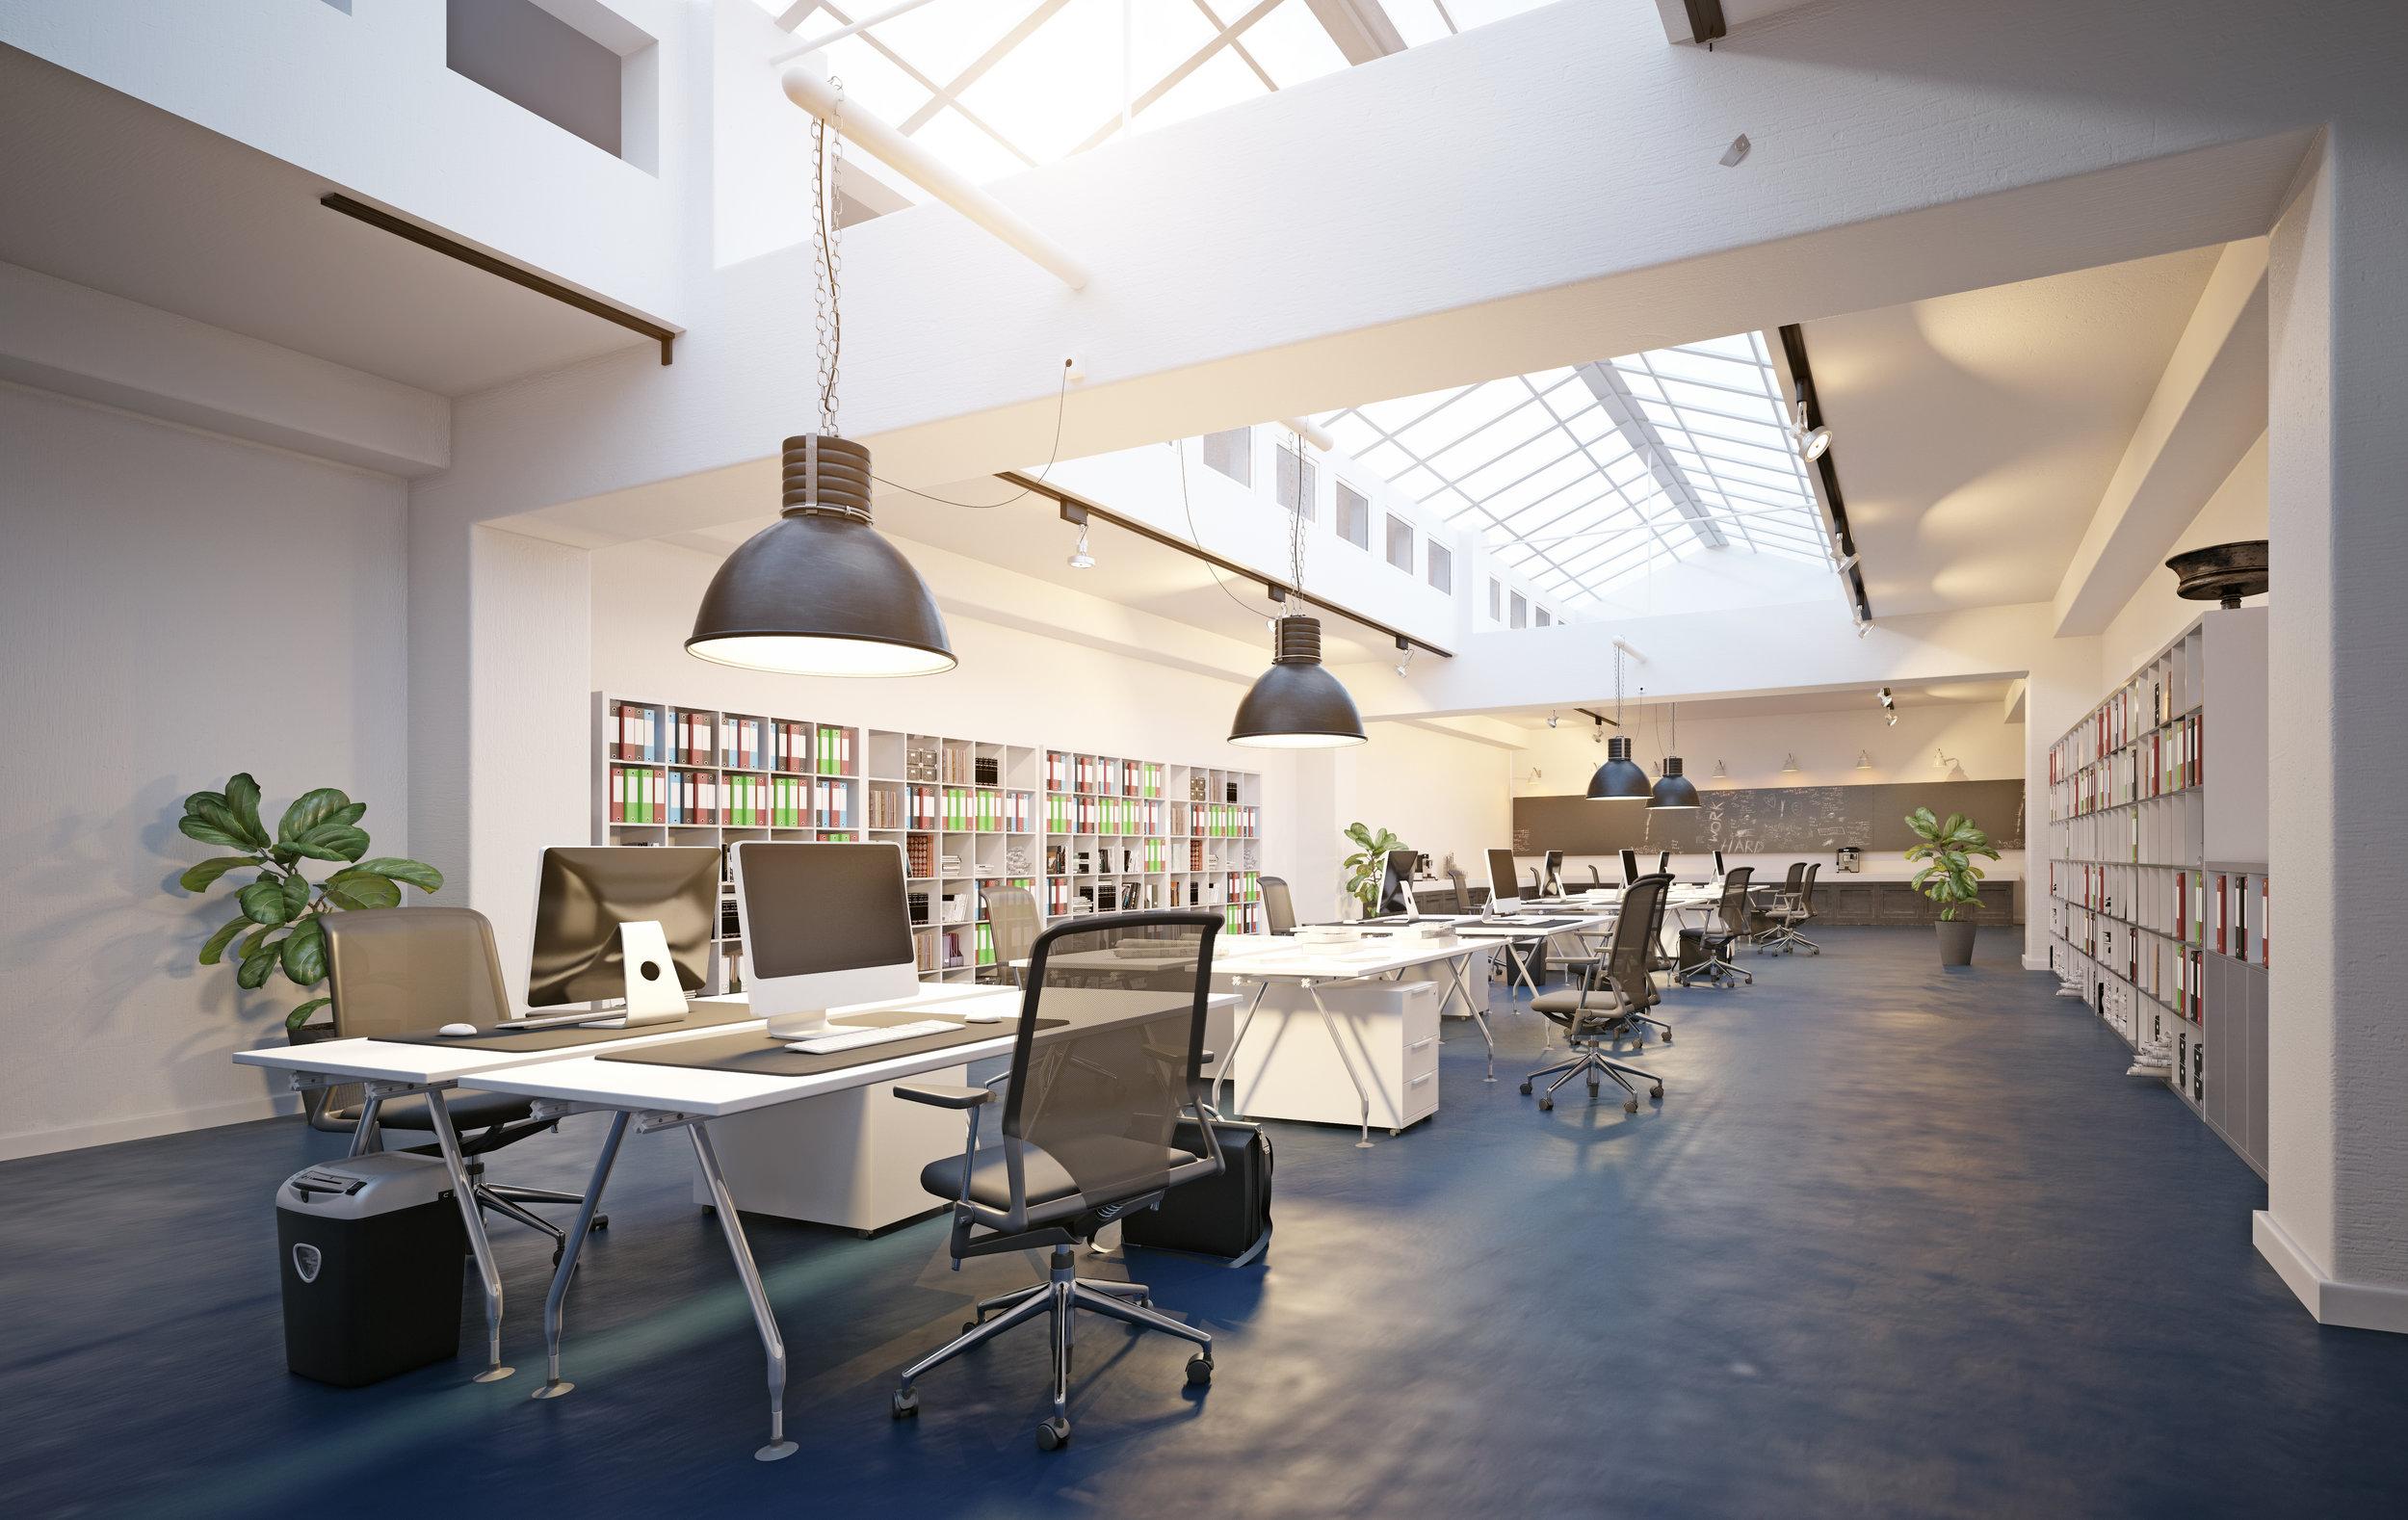 Modern Elegance - Eine harmonische Farbpalette mit ausgewählten Kontrasten und eleganten, modernen Möbeln macht diesen Stil zu einem gern gesehen Design in der Bürolandschaft.